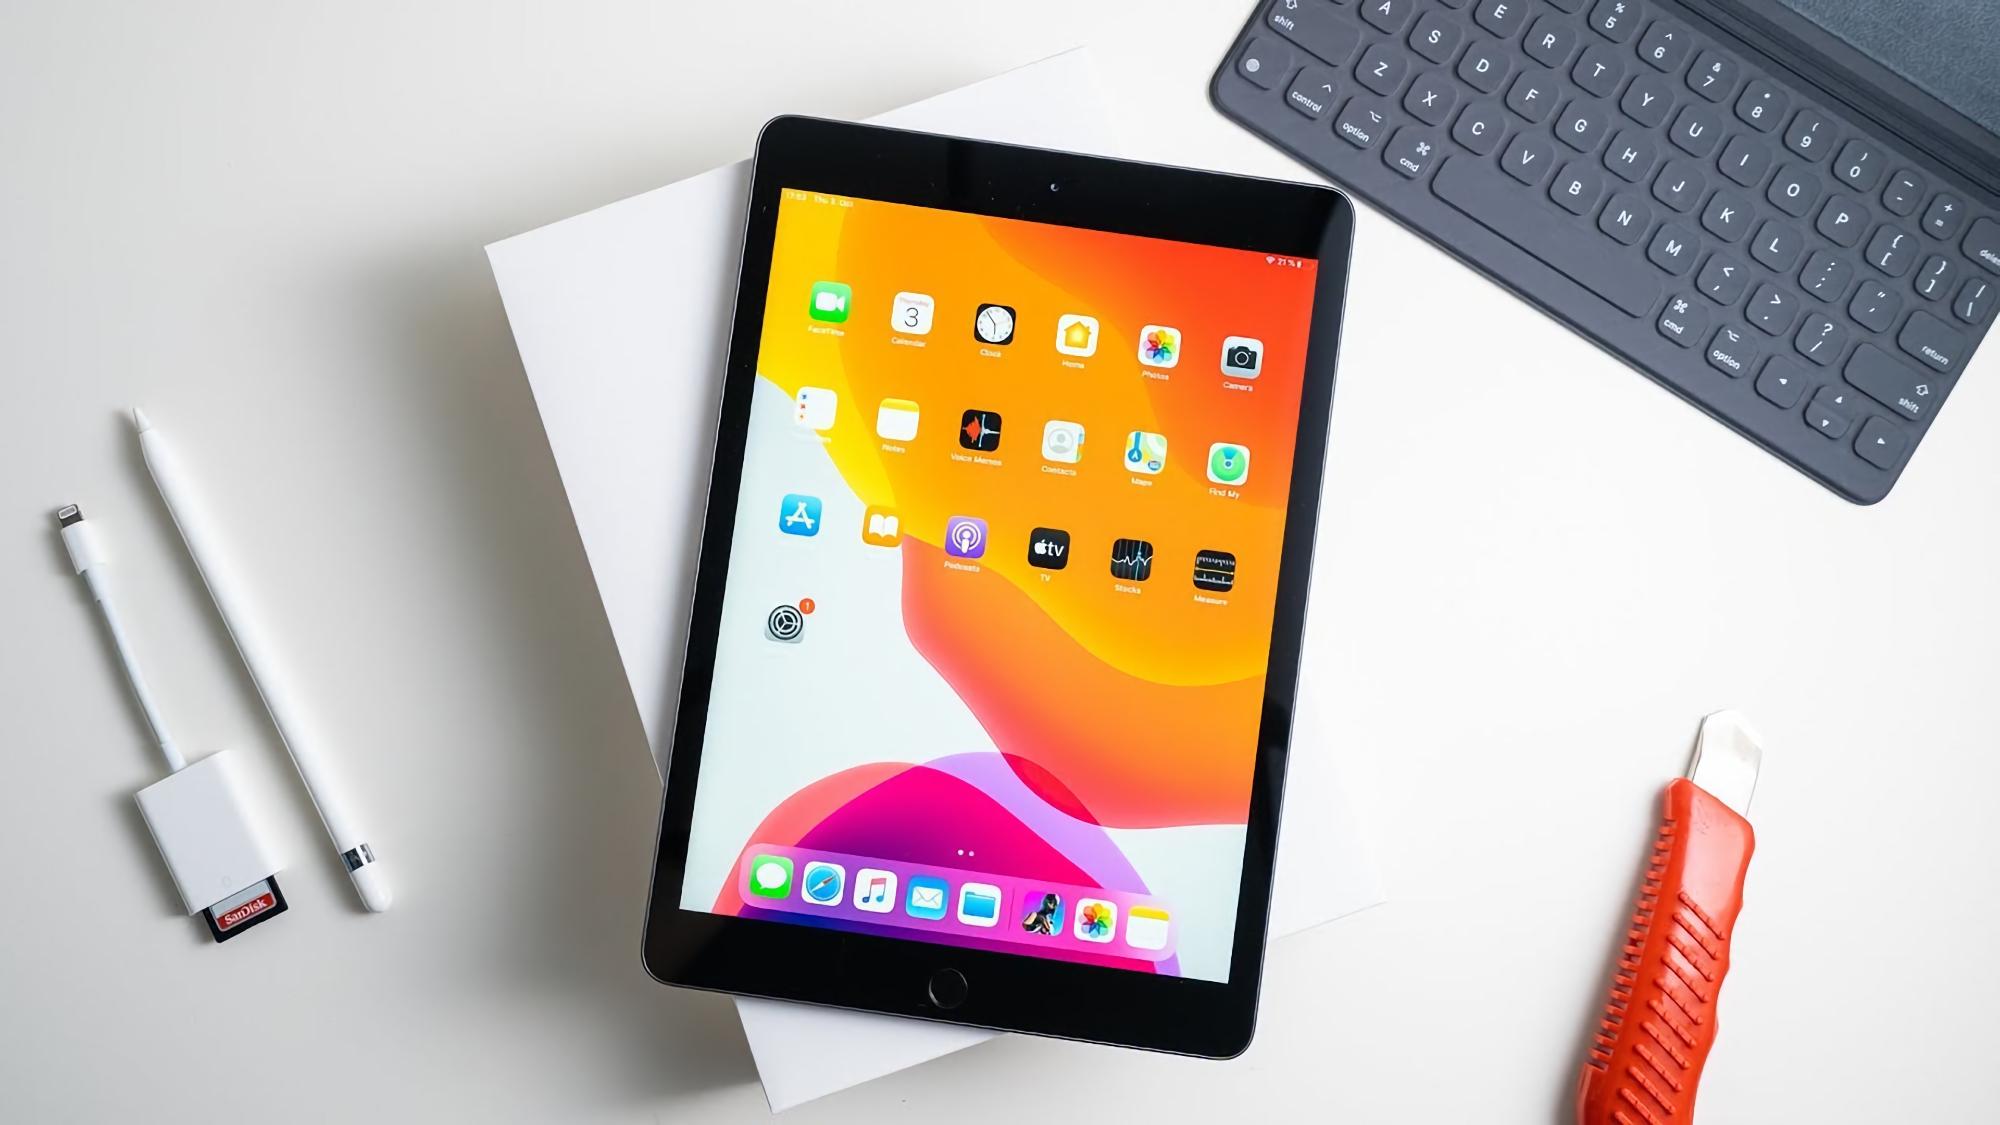 Минг-Чи Куо: Apple готовит бюджетный iPad с 10.8-дюймовым экраном и новый iPad mini c дисплеем на 9 дюймов